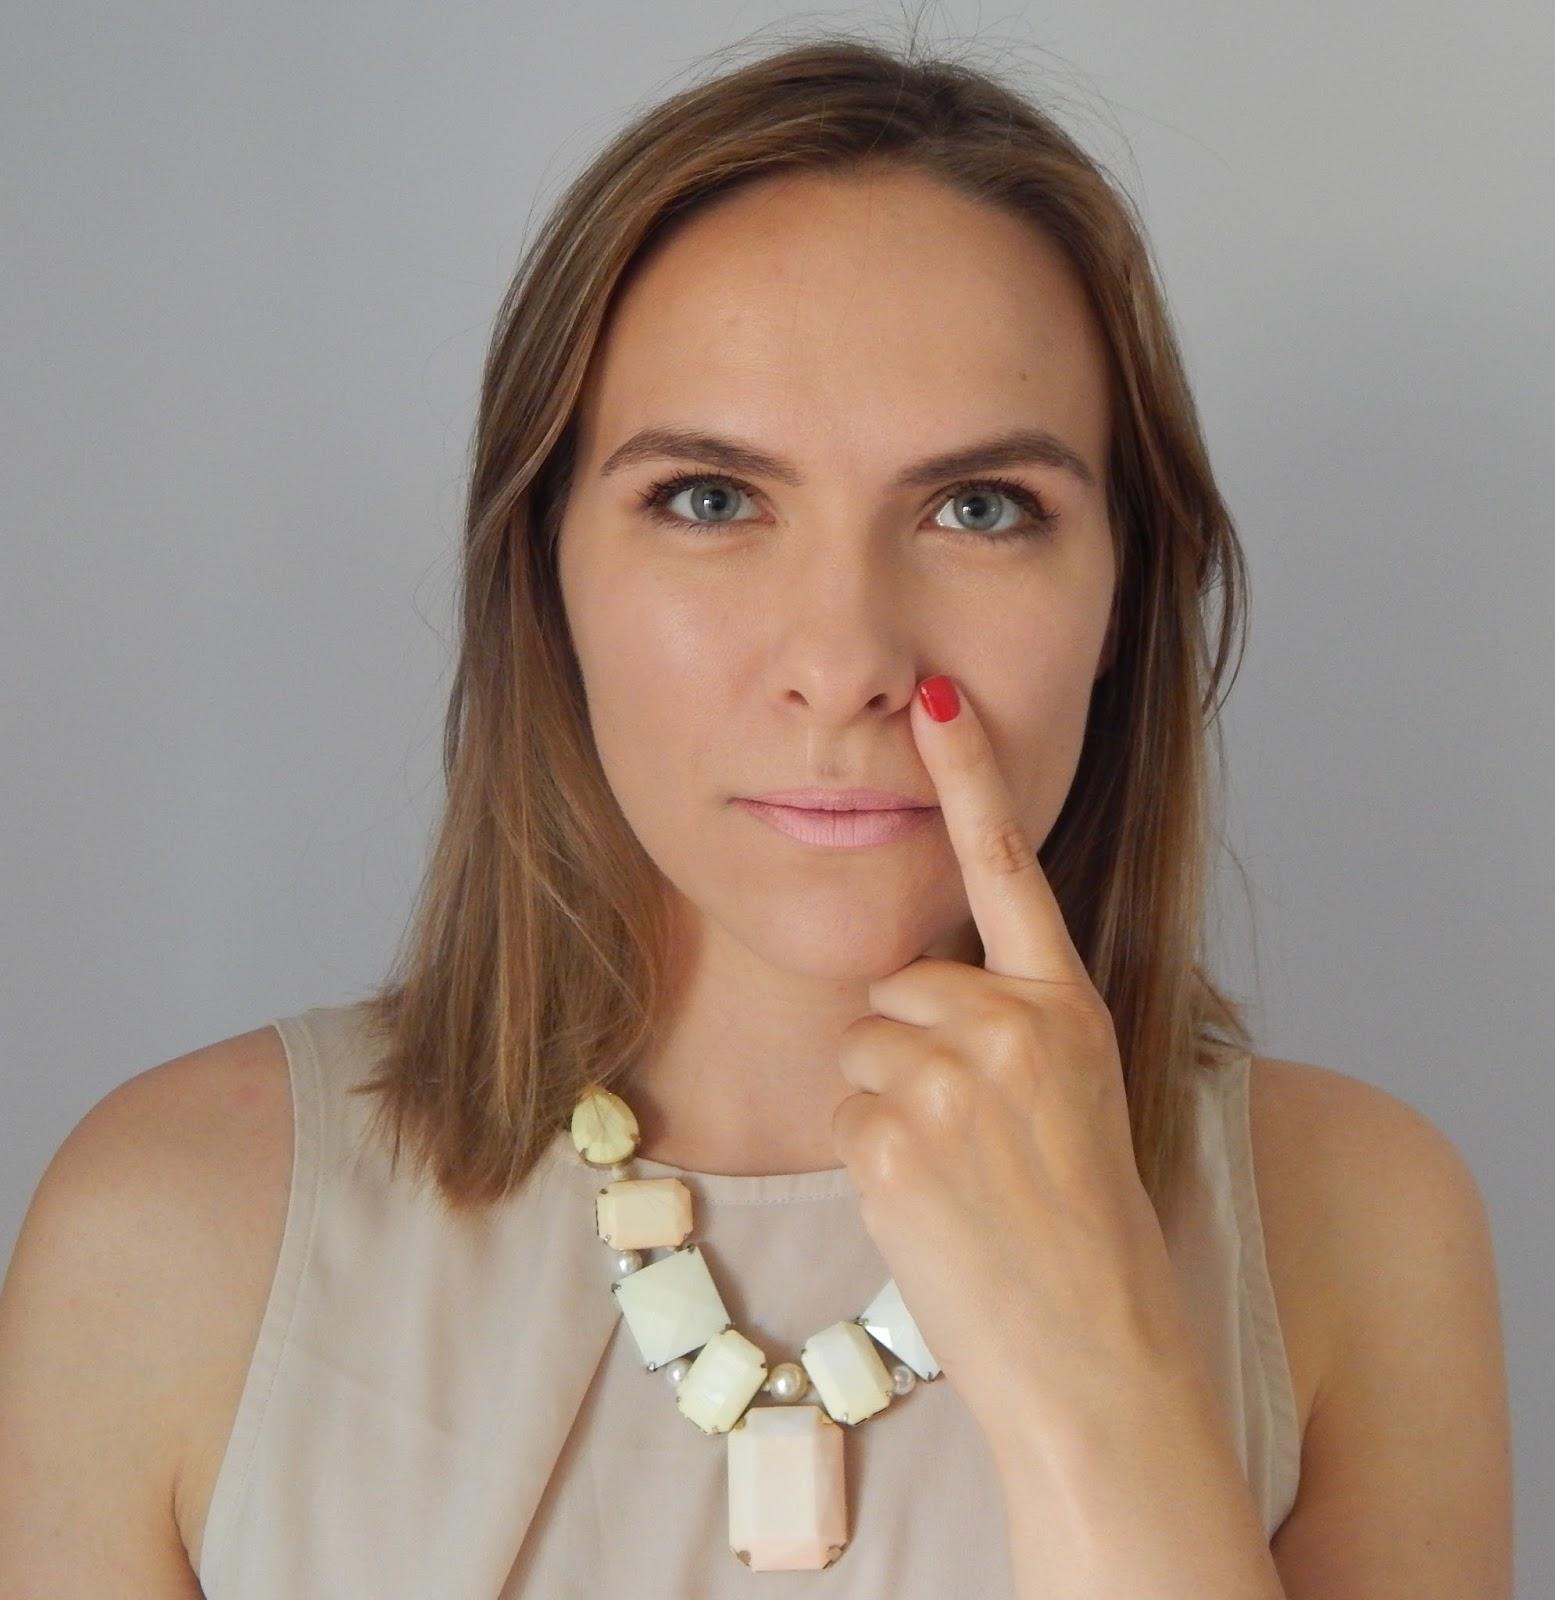 Фото красивых девушек с пальцем во рту 24 фотография